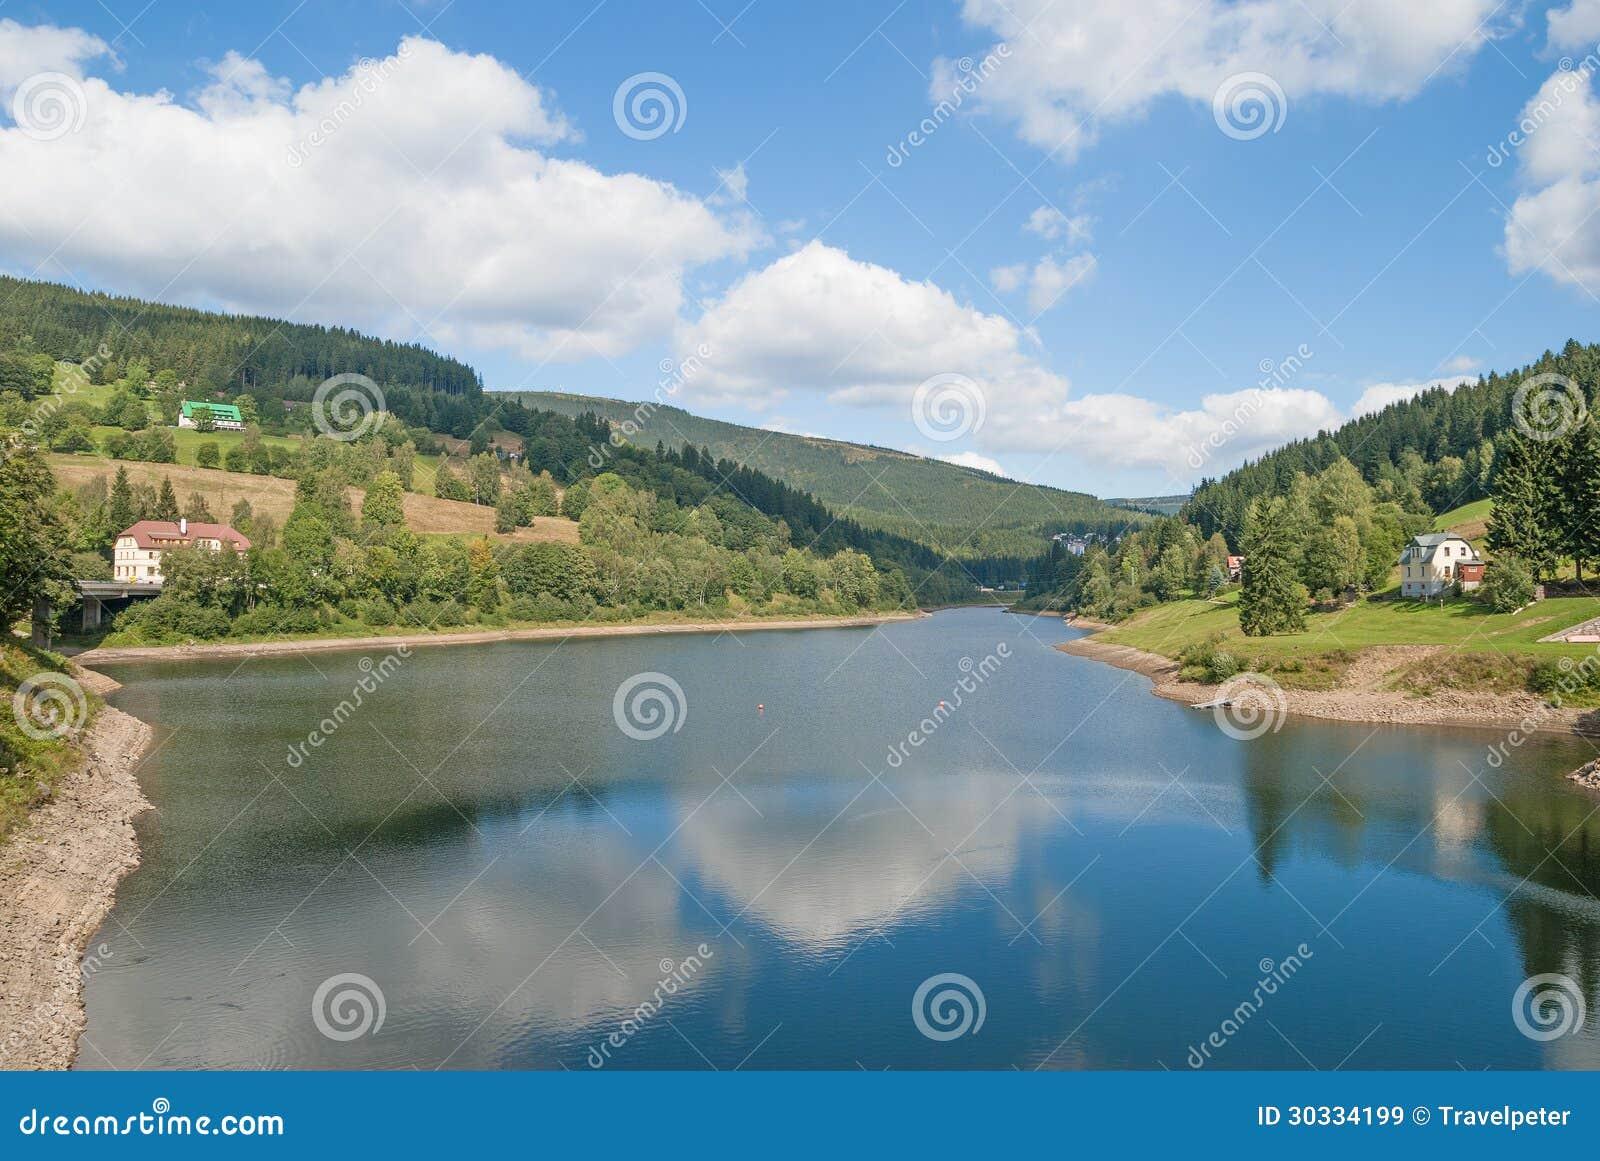 易北河水库,大山,捷克